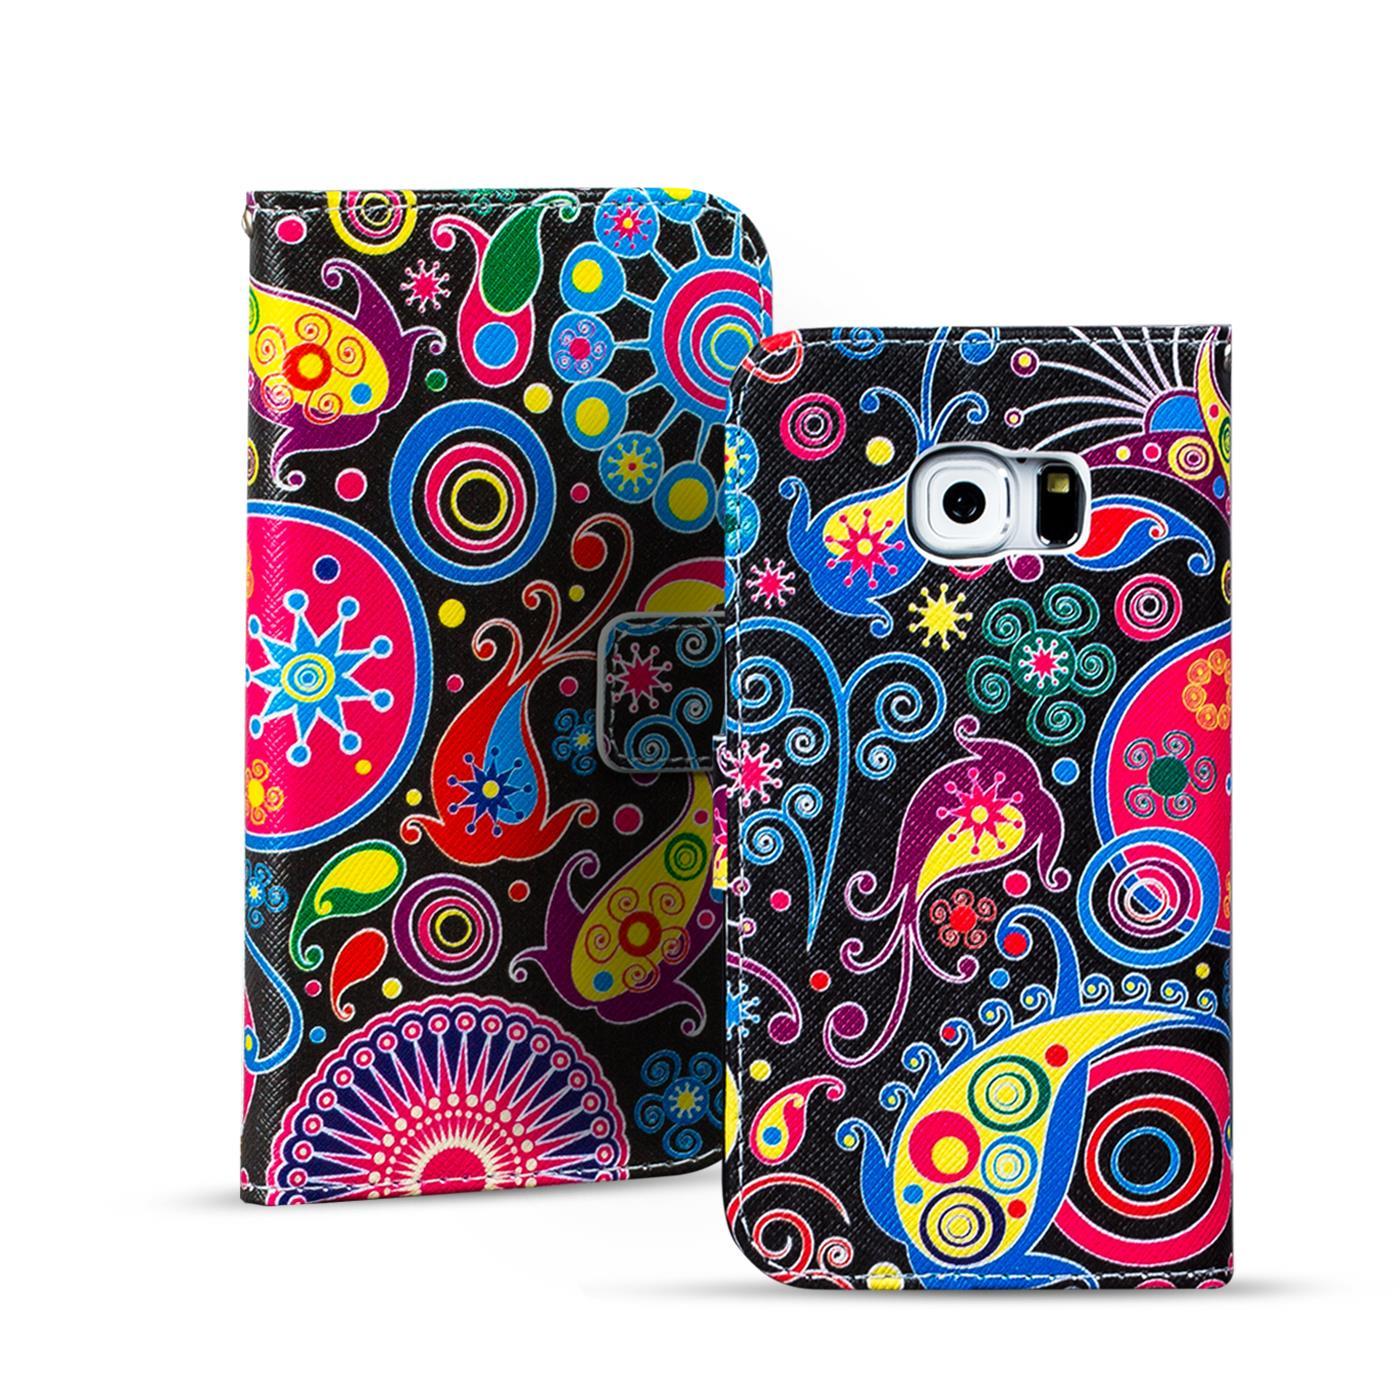 Handy-Tasche-fuer-Samsung-Galaxy-Flip-Cover-Case-Schutz-Huelle-Etui-Motiv-Wallet